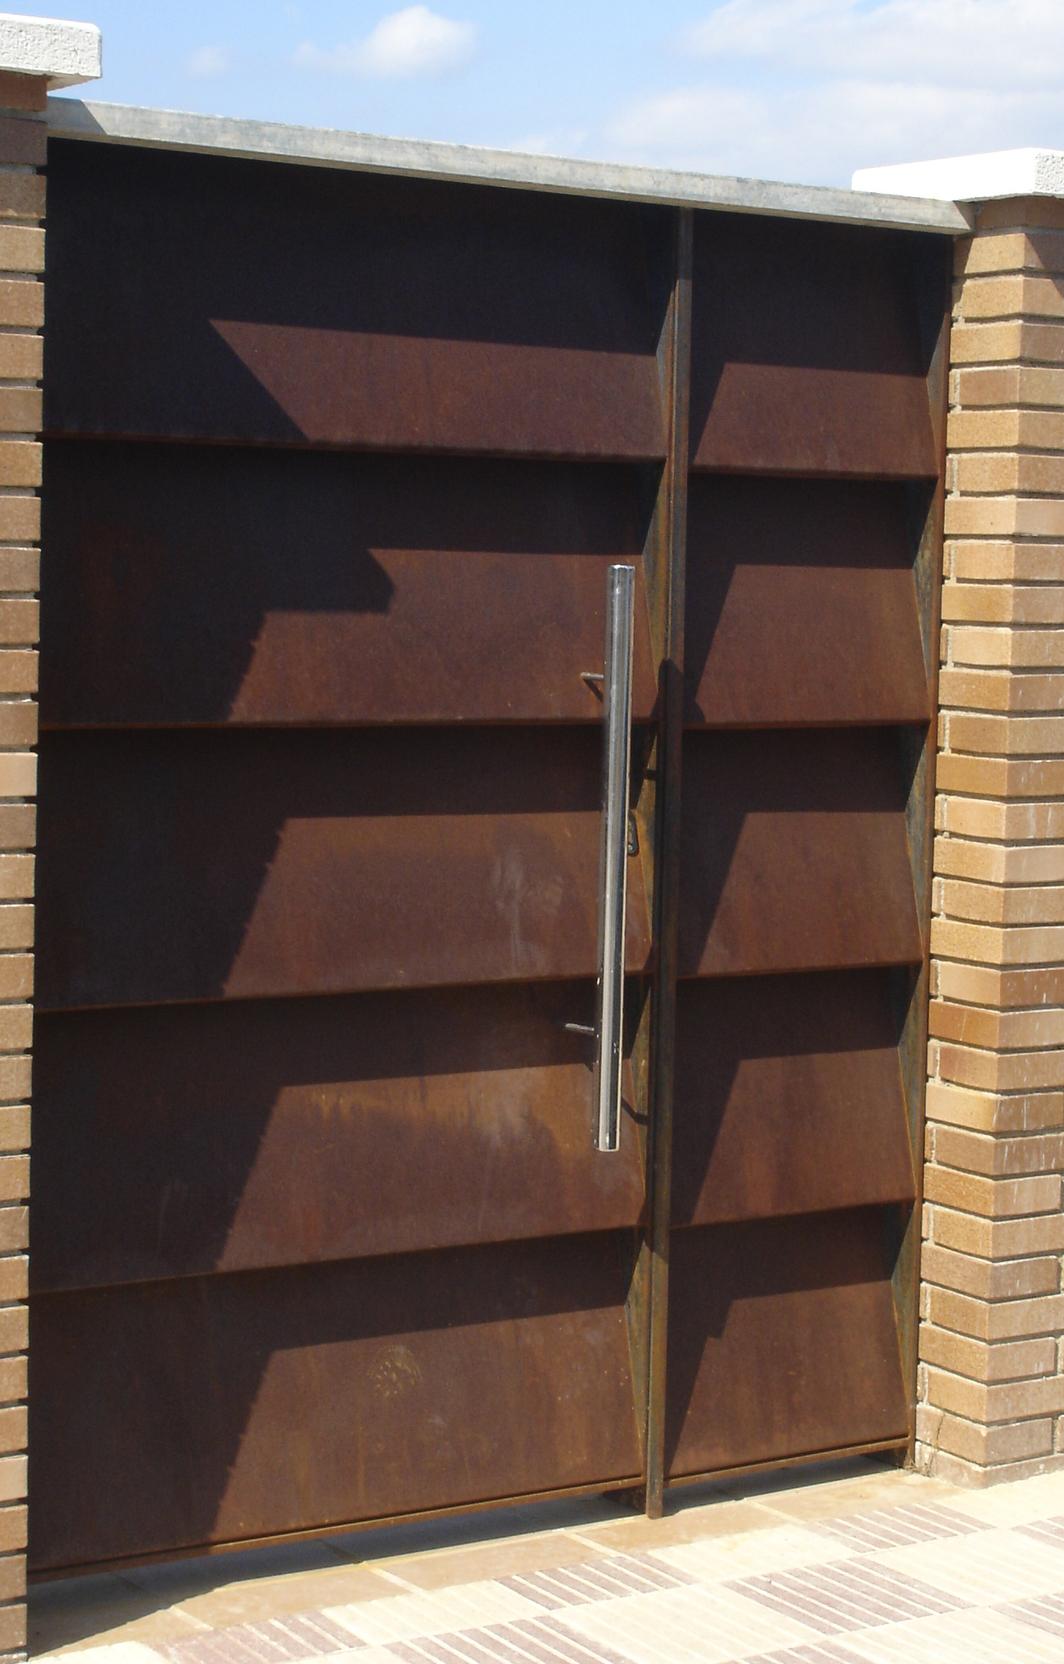 Grupo inoxmetal construcciones met lica - Pintura color acero inoxidable ...